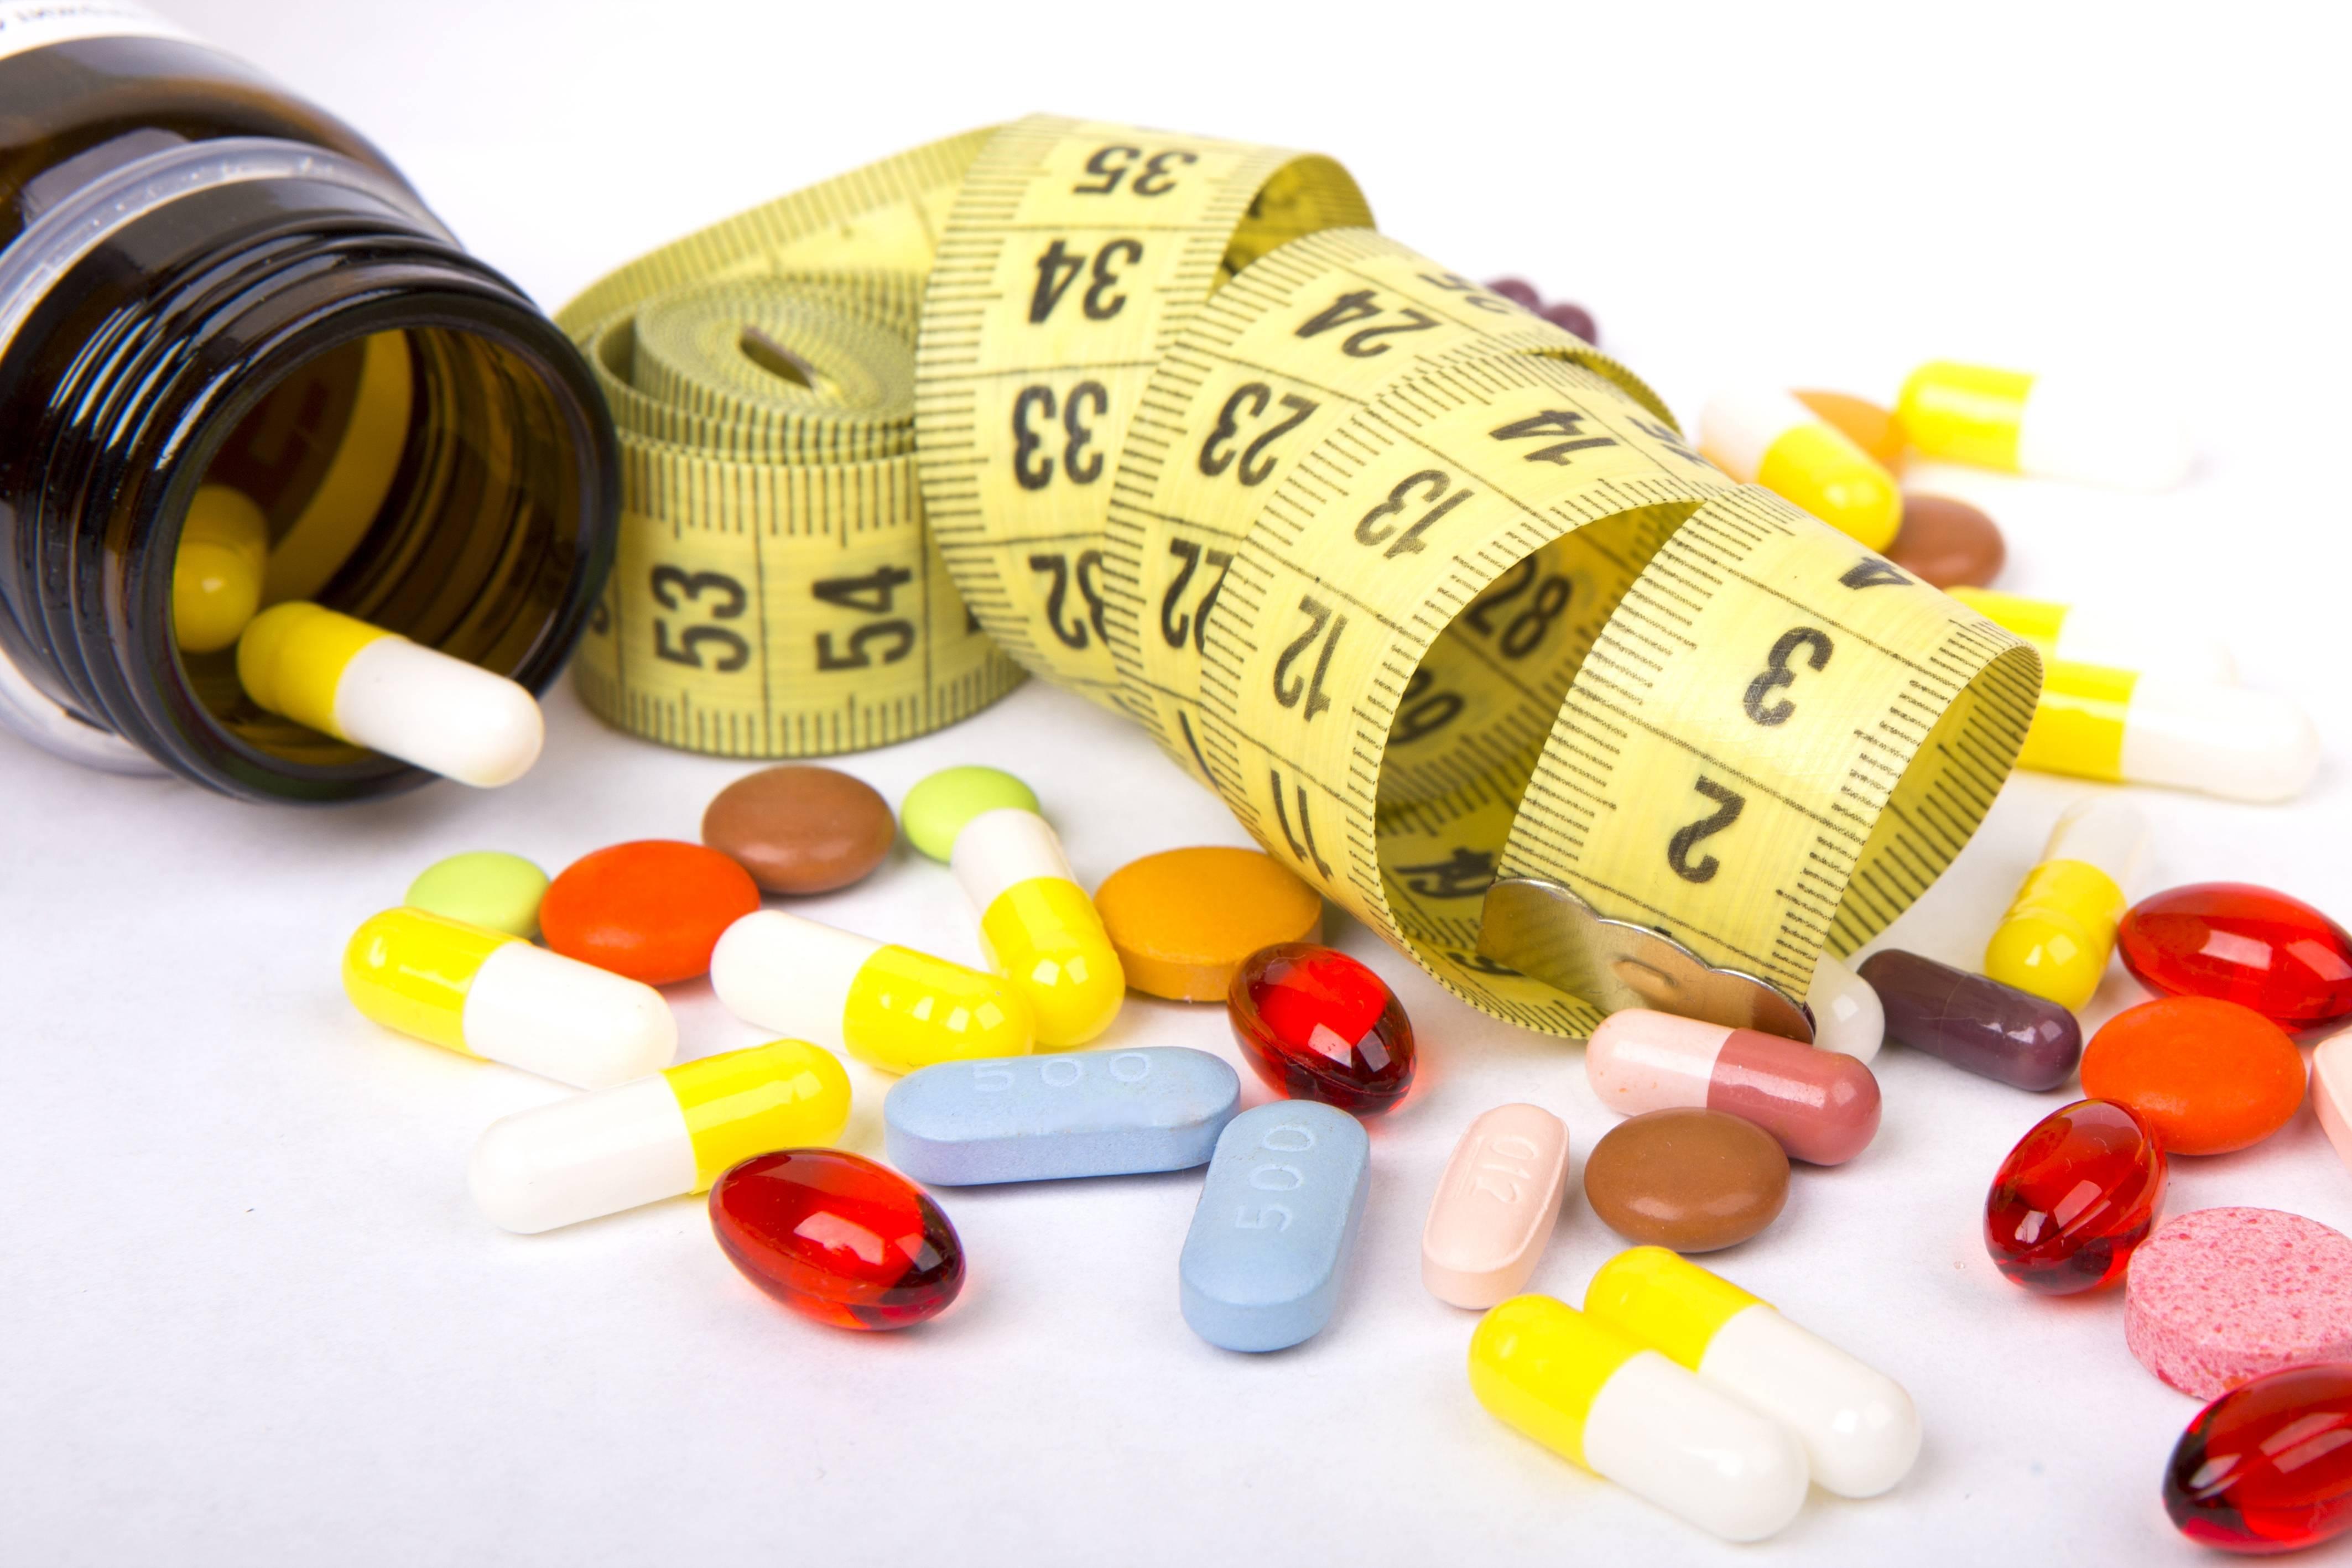 pierderi în greutate efecte secundare dexilante pierderea în greutate darazpk